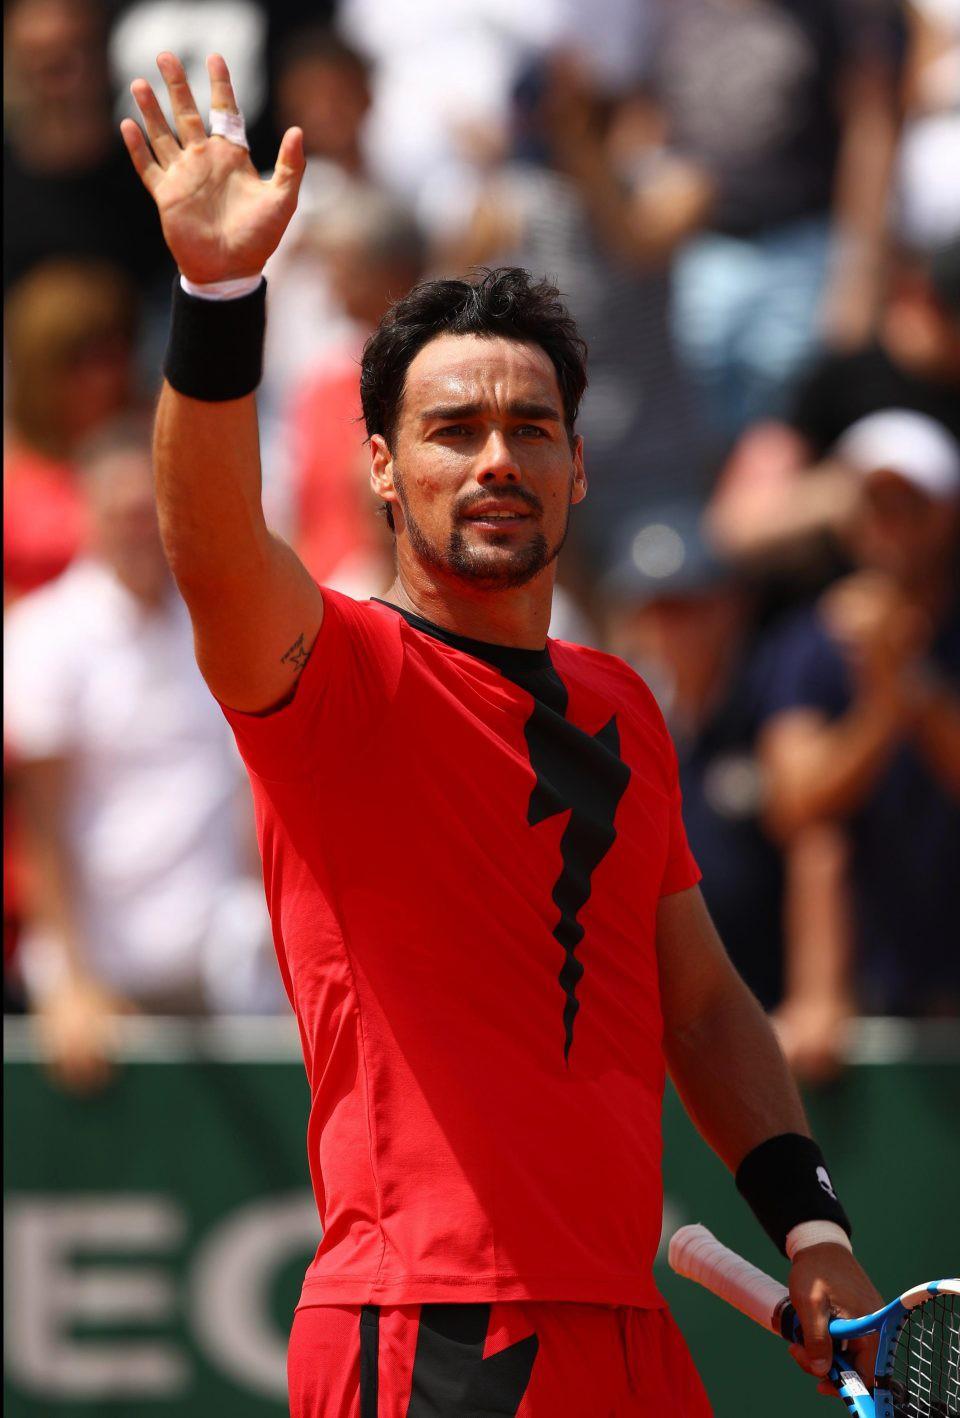 Sao quần vợt táo bạo khoác trang phục siêu anh hùng thi đấu ở Pháp Mở rộng 2018-1